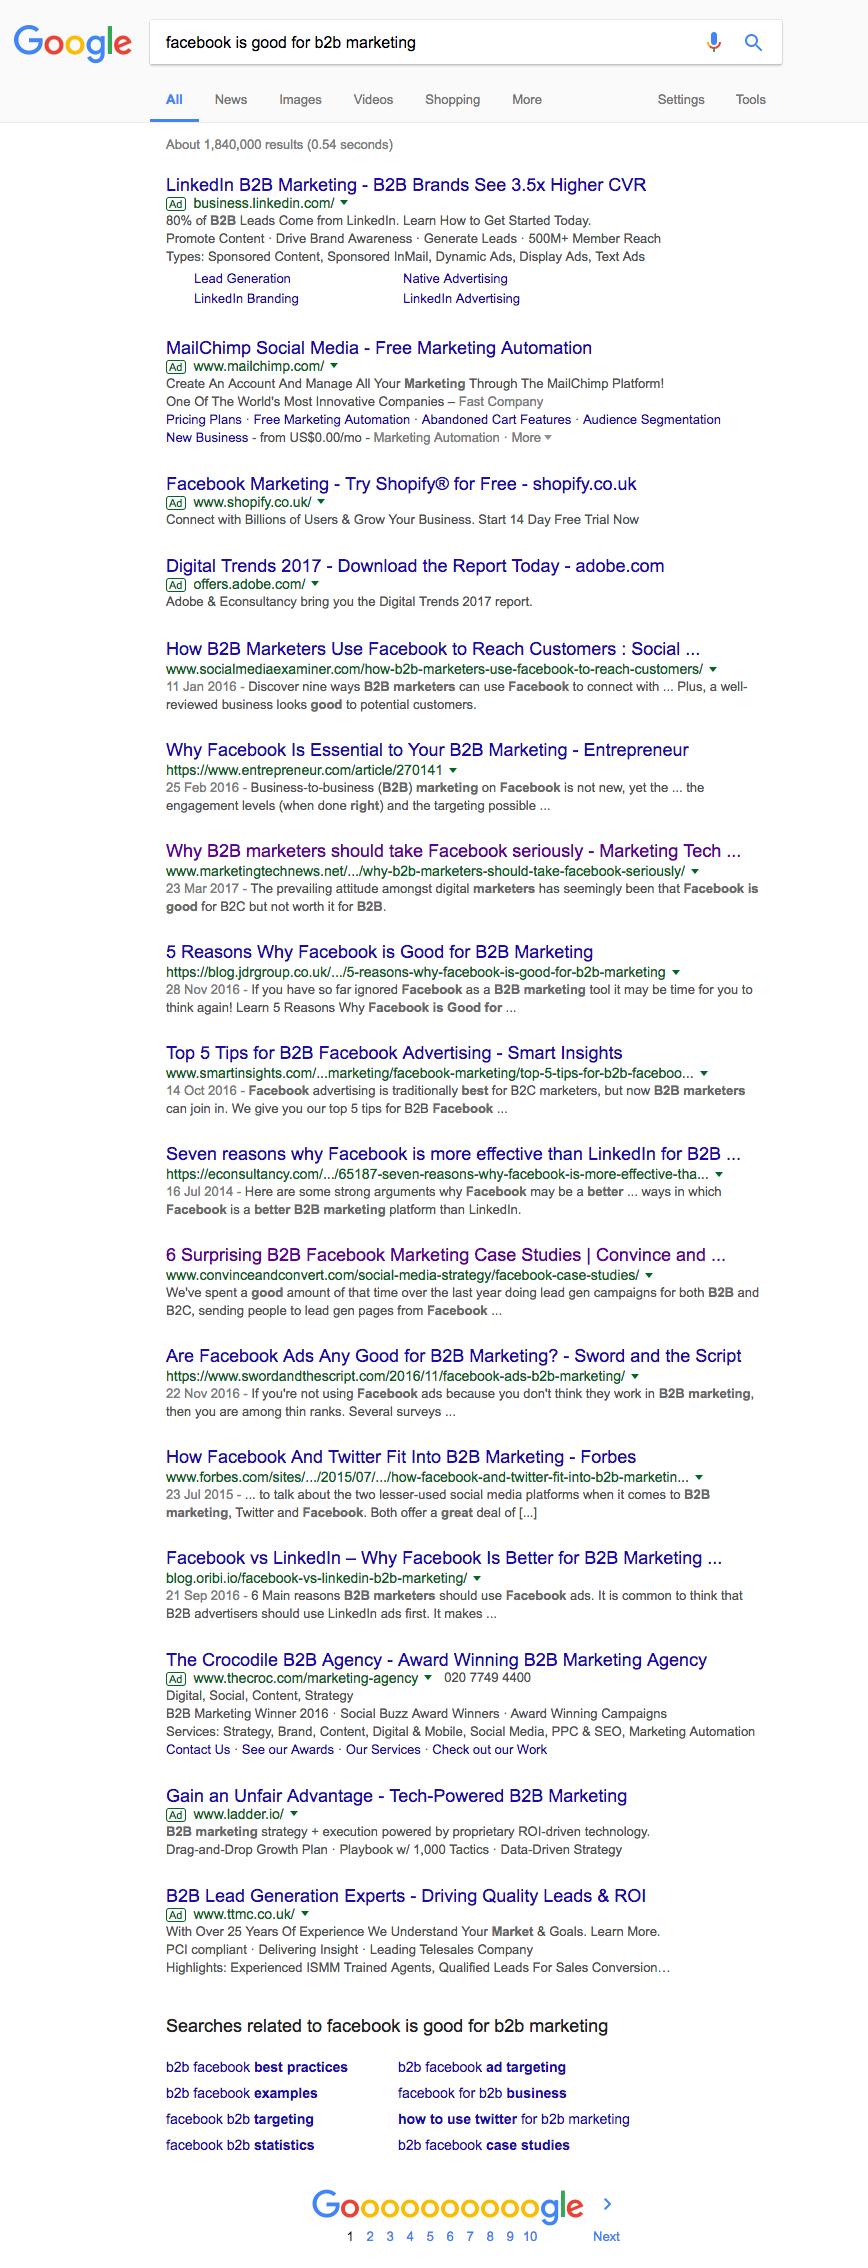 Google FB B2B